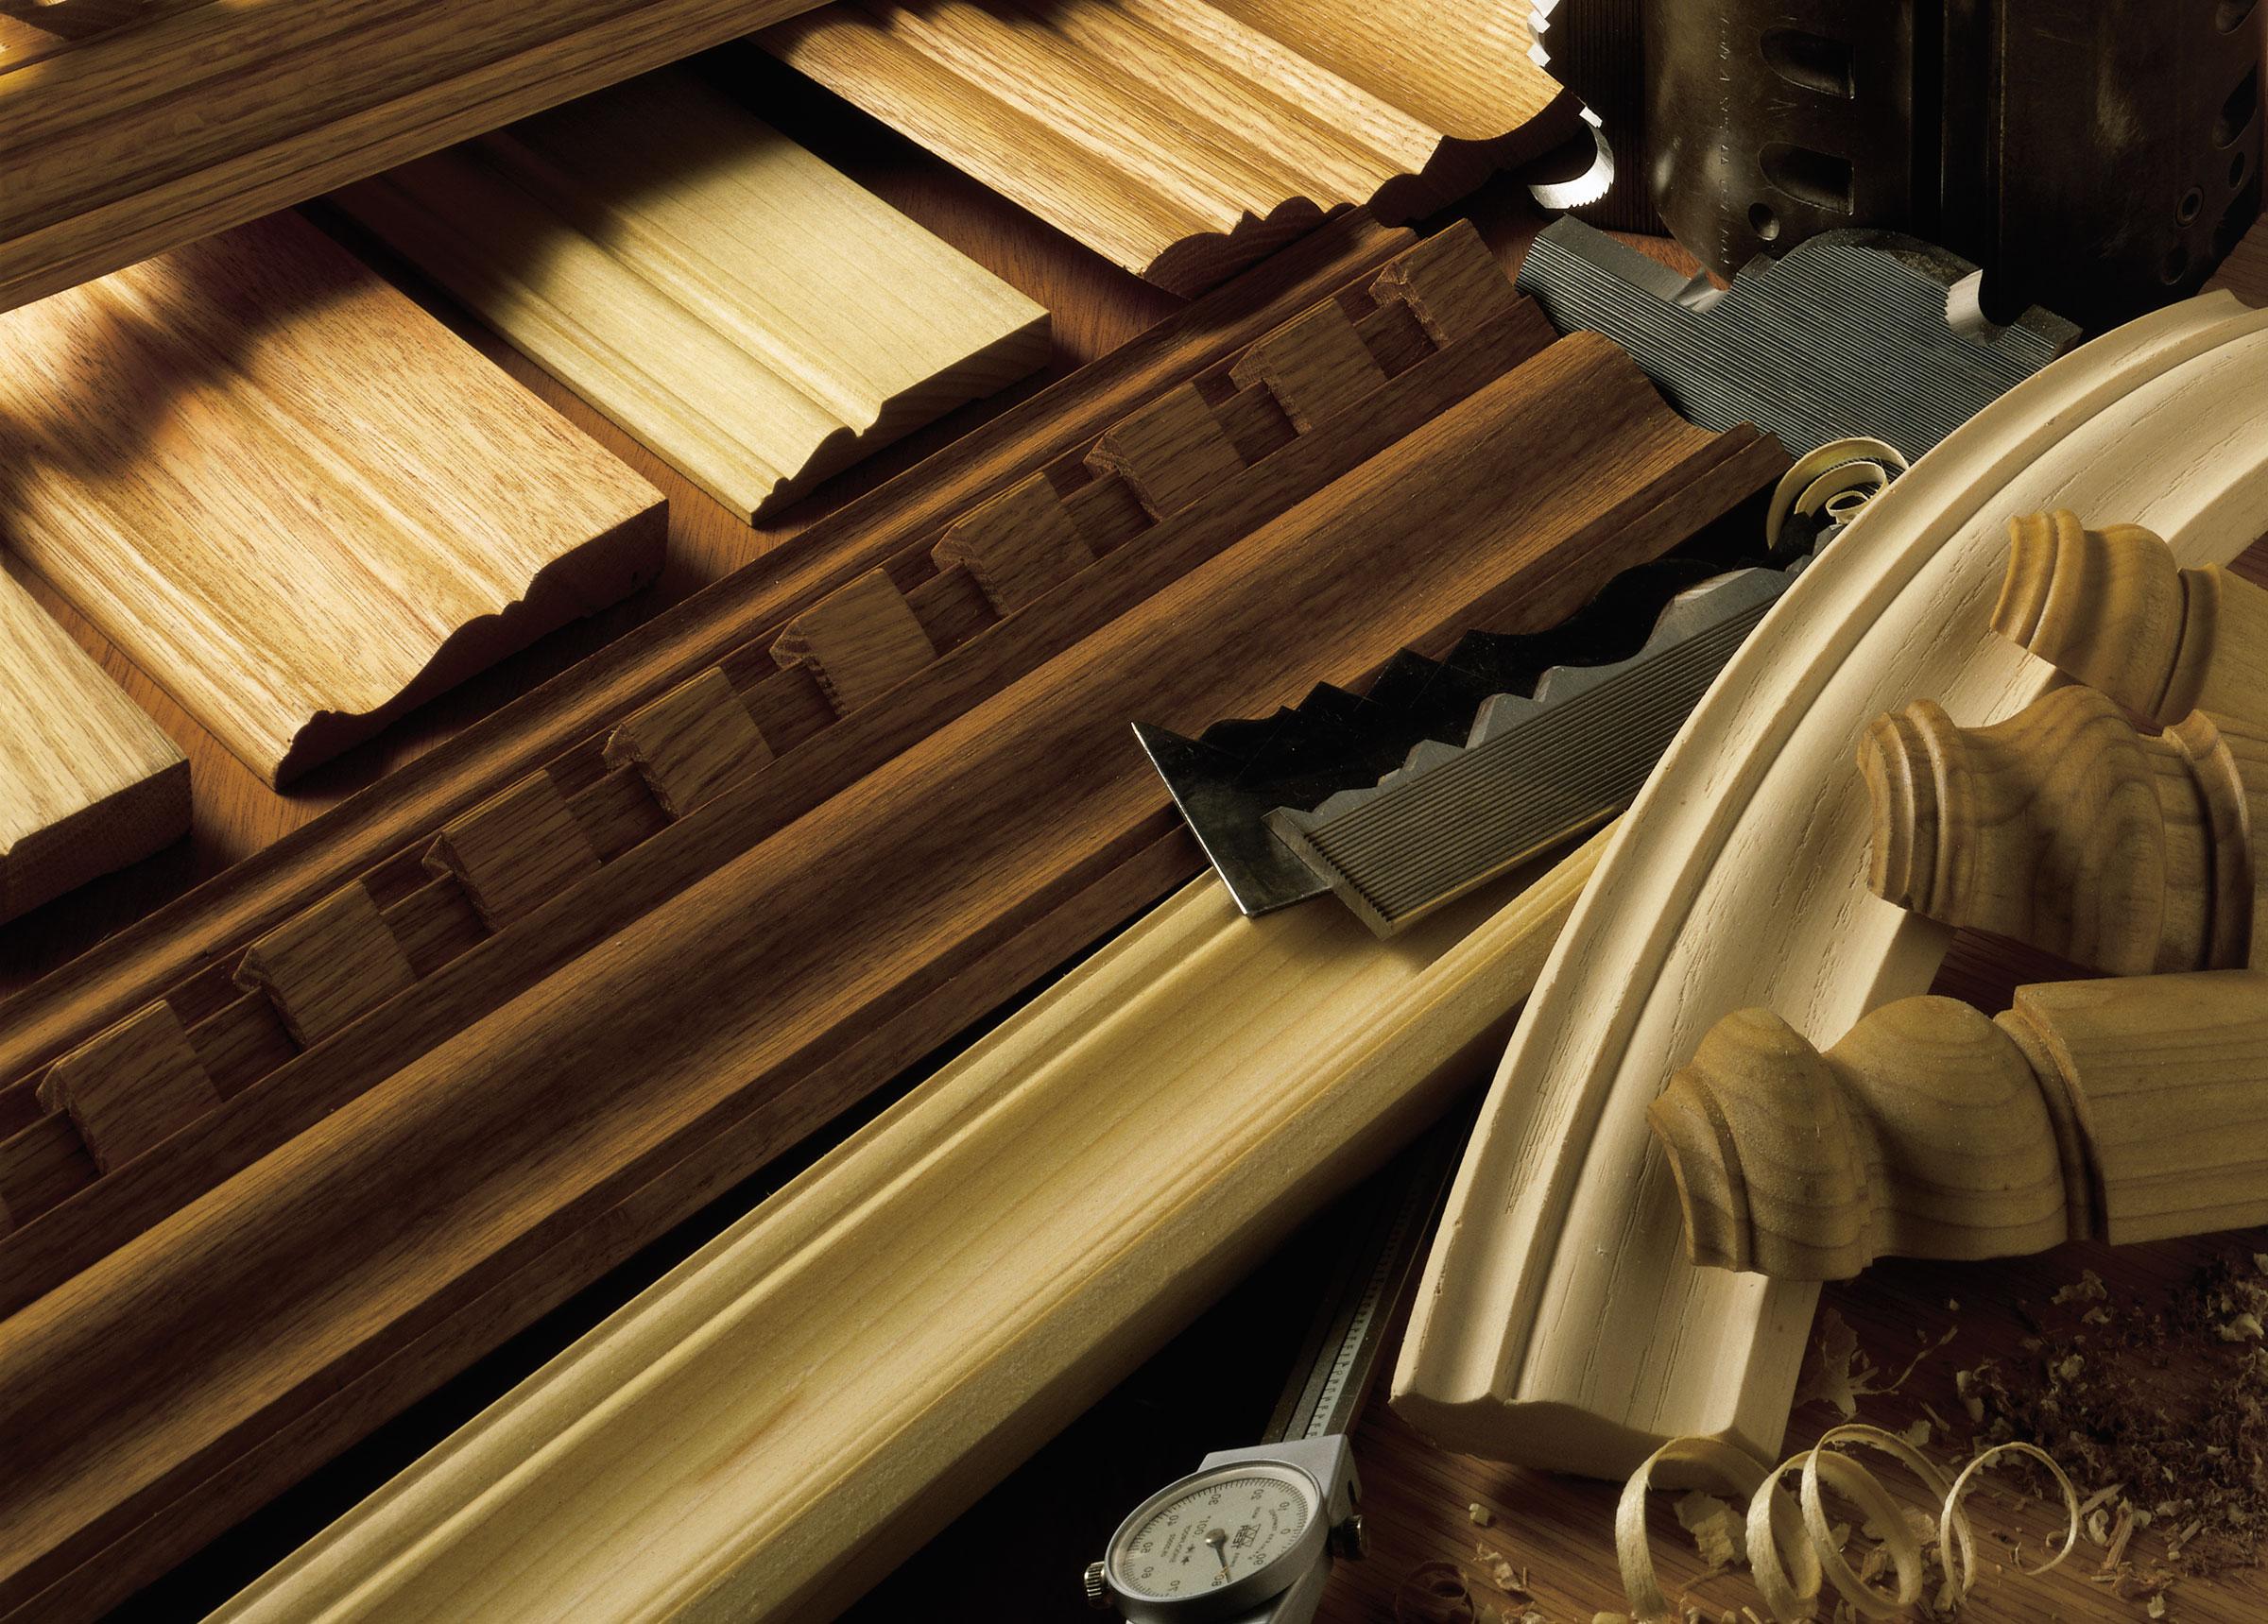 Hardwood Mouldings Saroyan Hardwoods